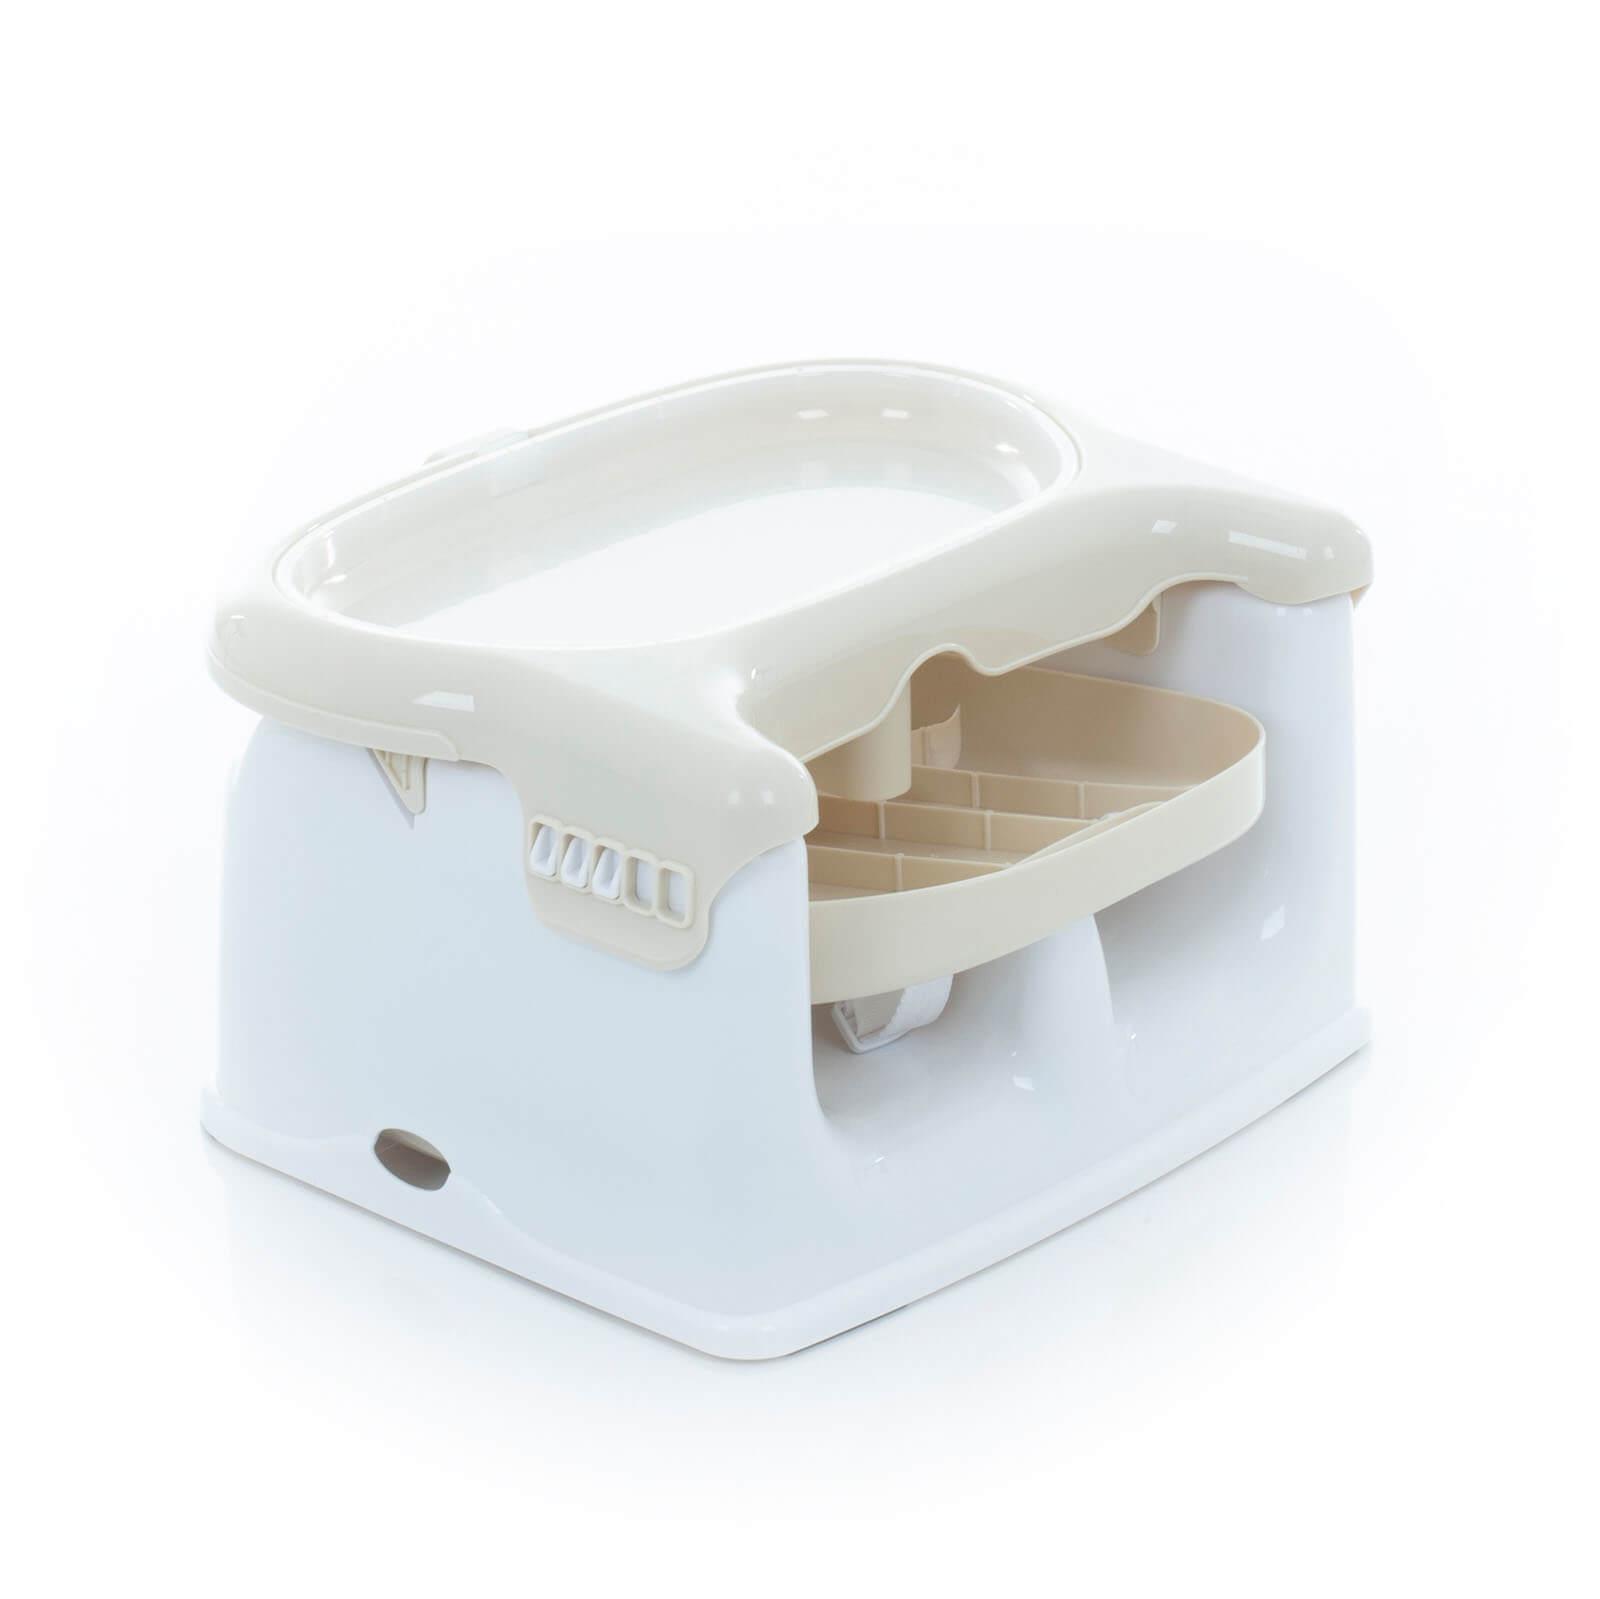 Cadeira de Refeição Mila Bege - Infanti IMP01426